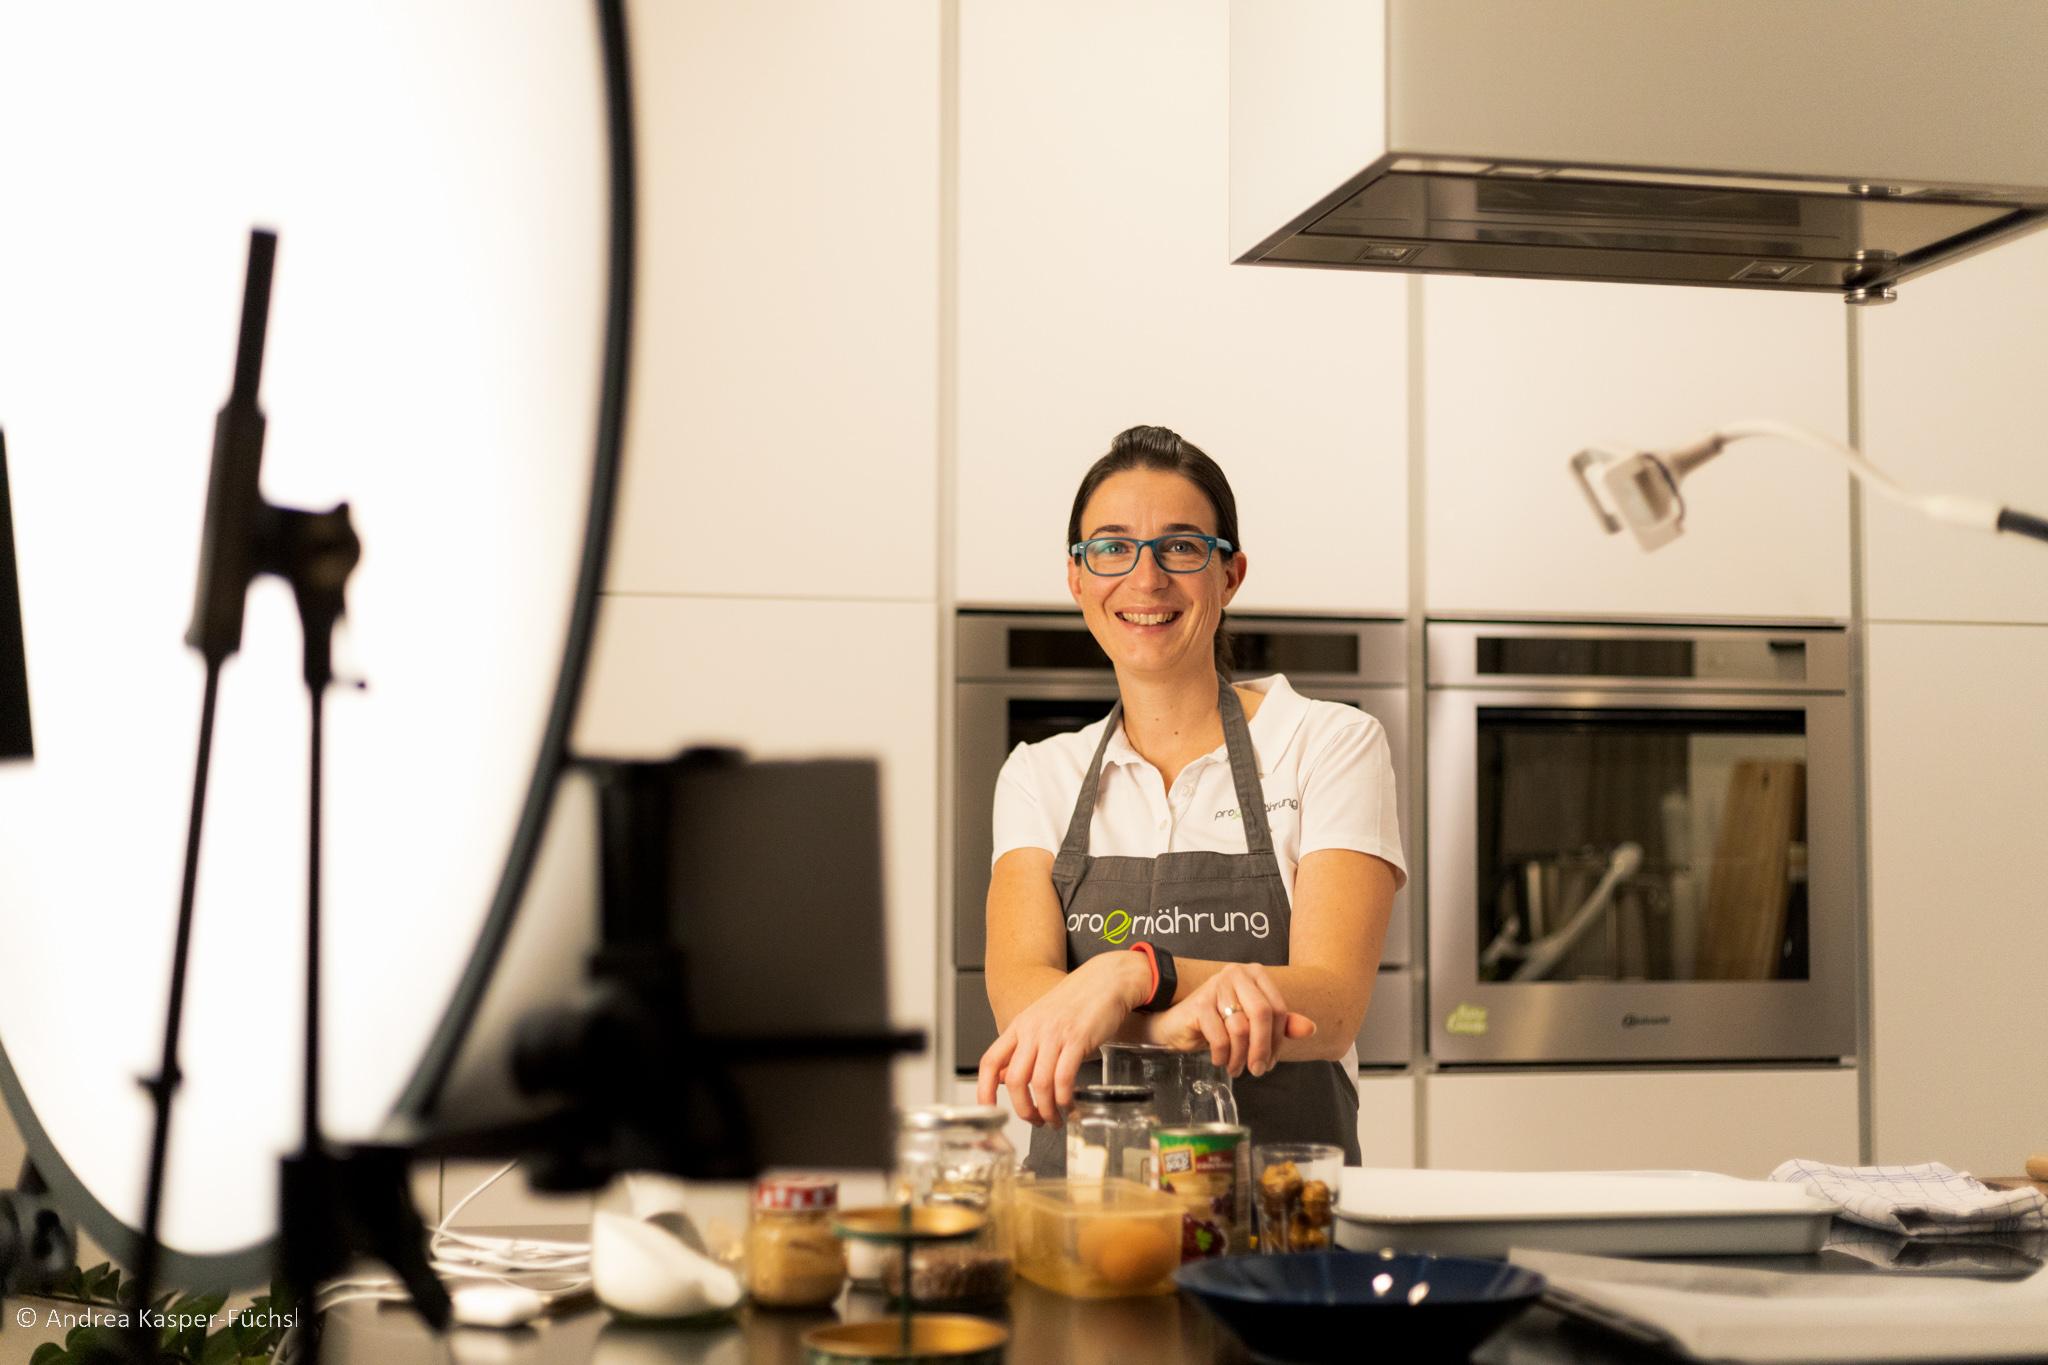 online Kochen, Foto Andrea Kasper-Füchsl